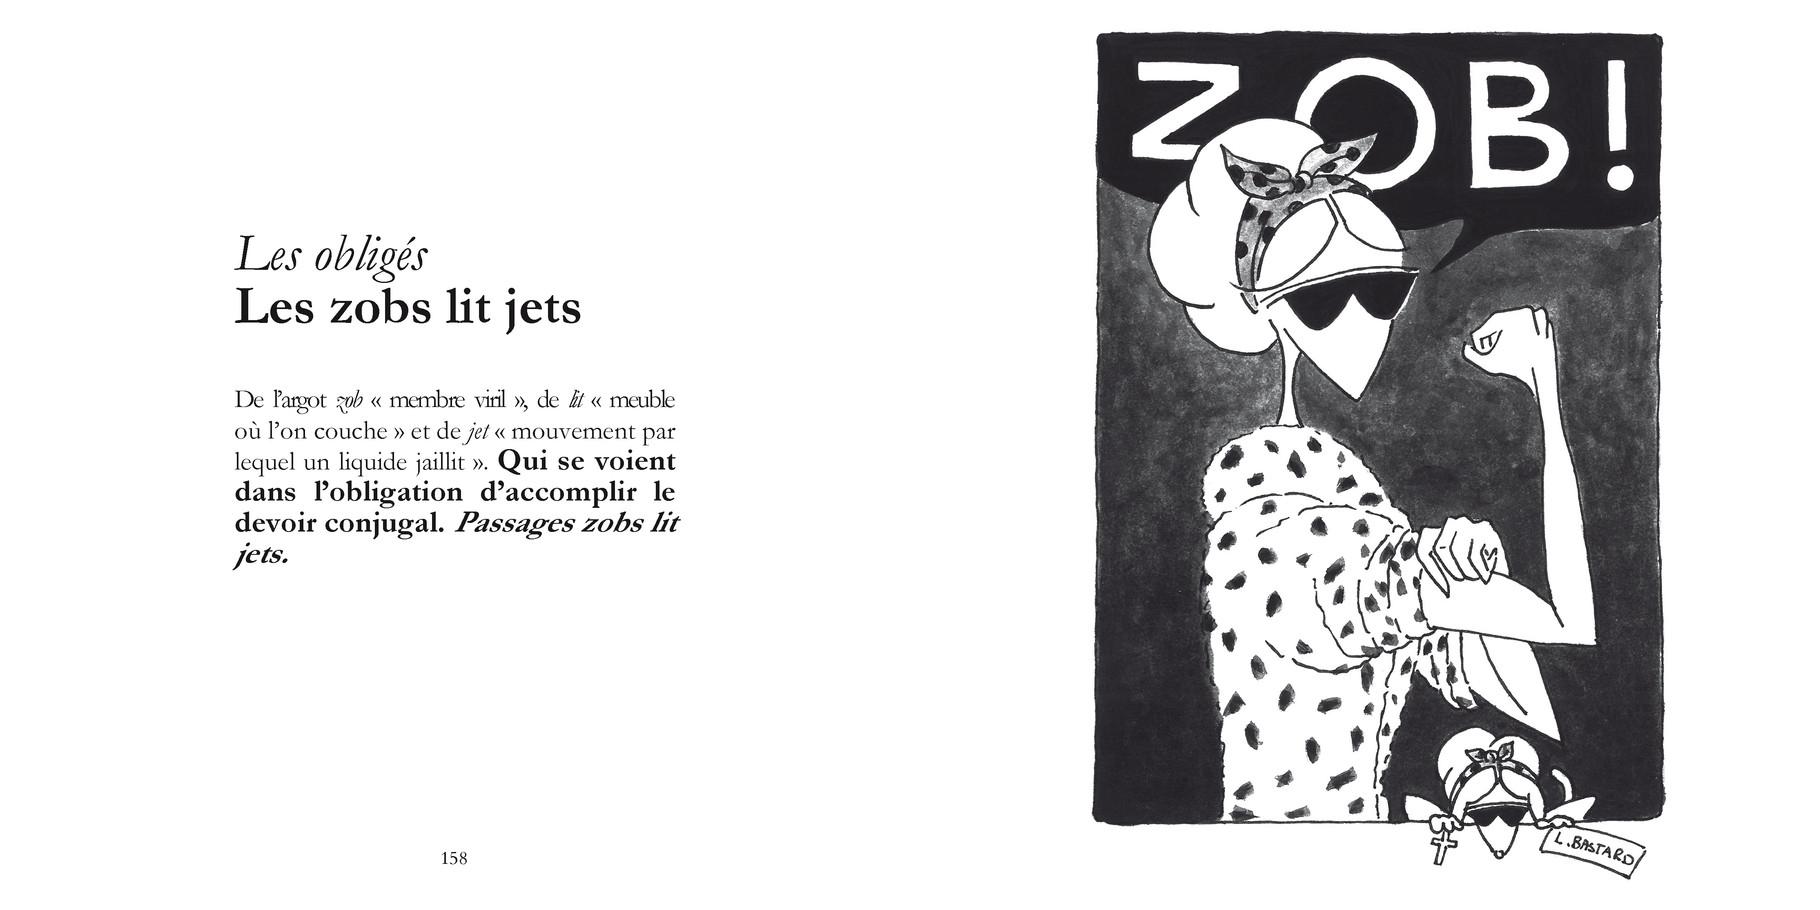 Les obligés - Les obligés / P 158-159 du Bestof2 -Texte Edith - Dessin Laurence Bastard. Droits réservés - Reproduction interdite